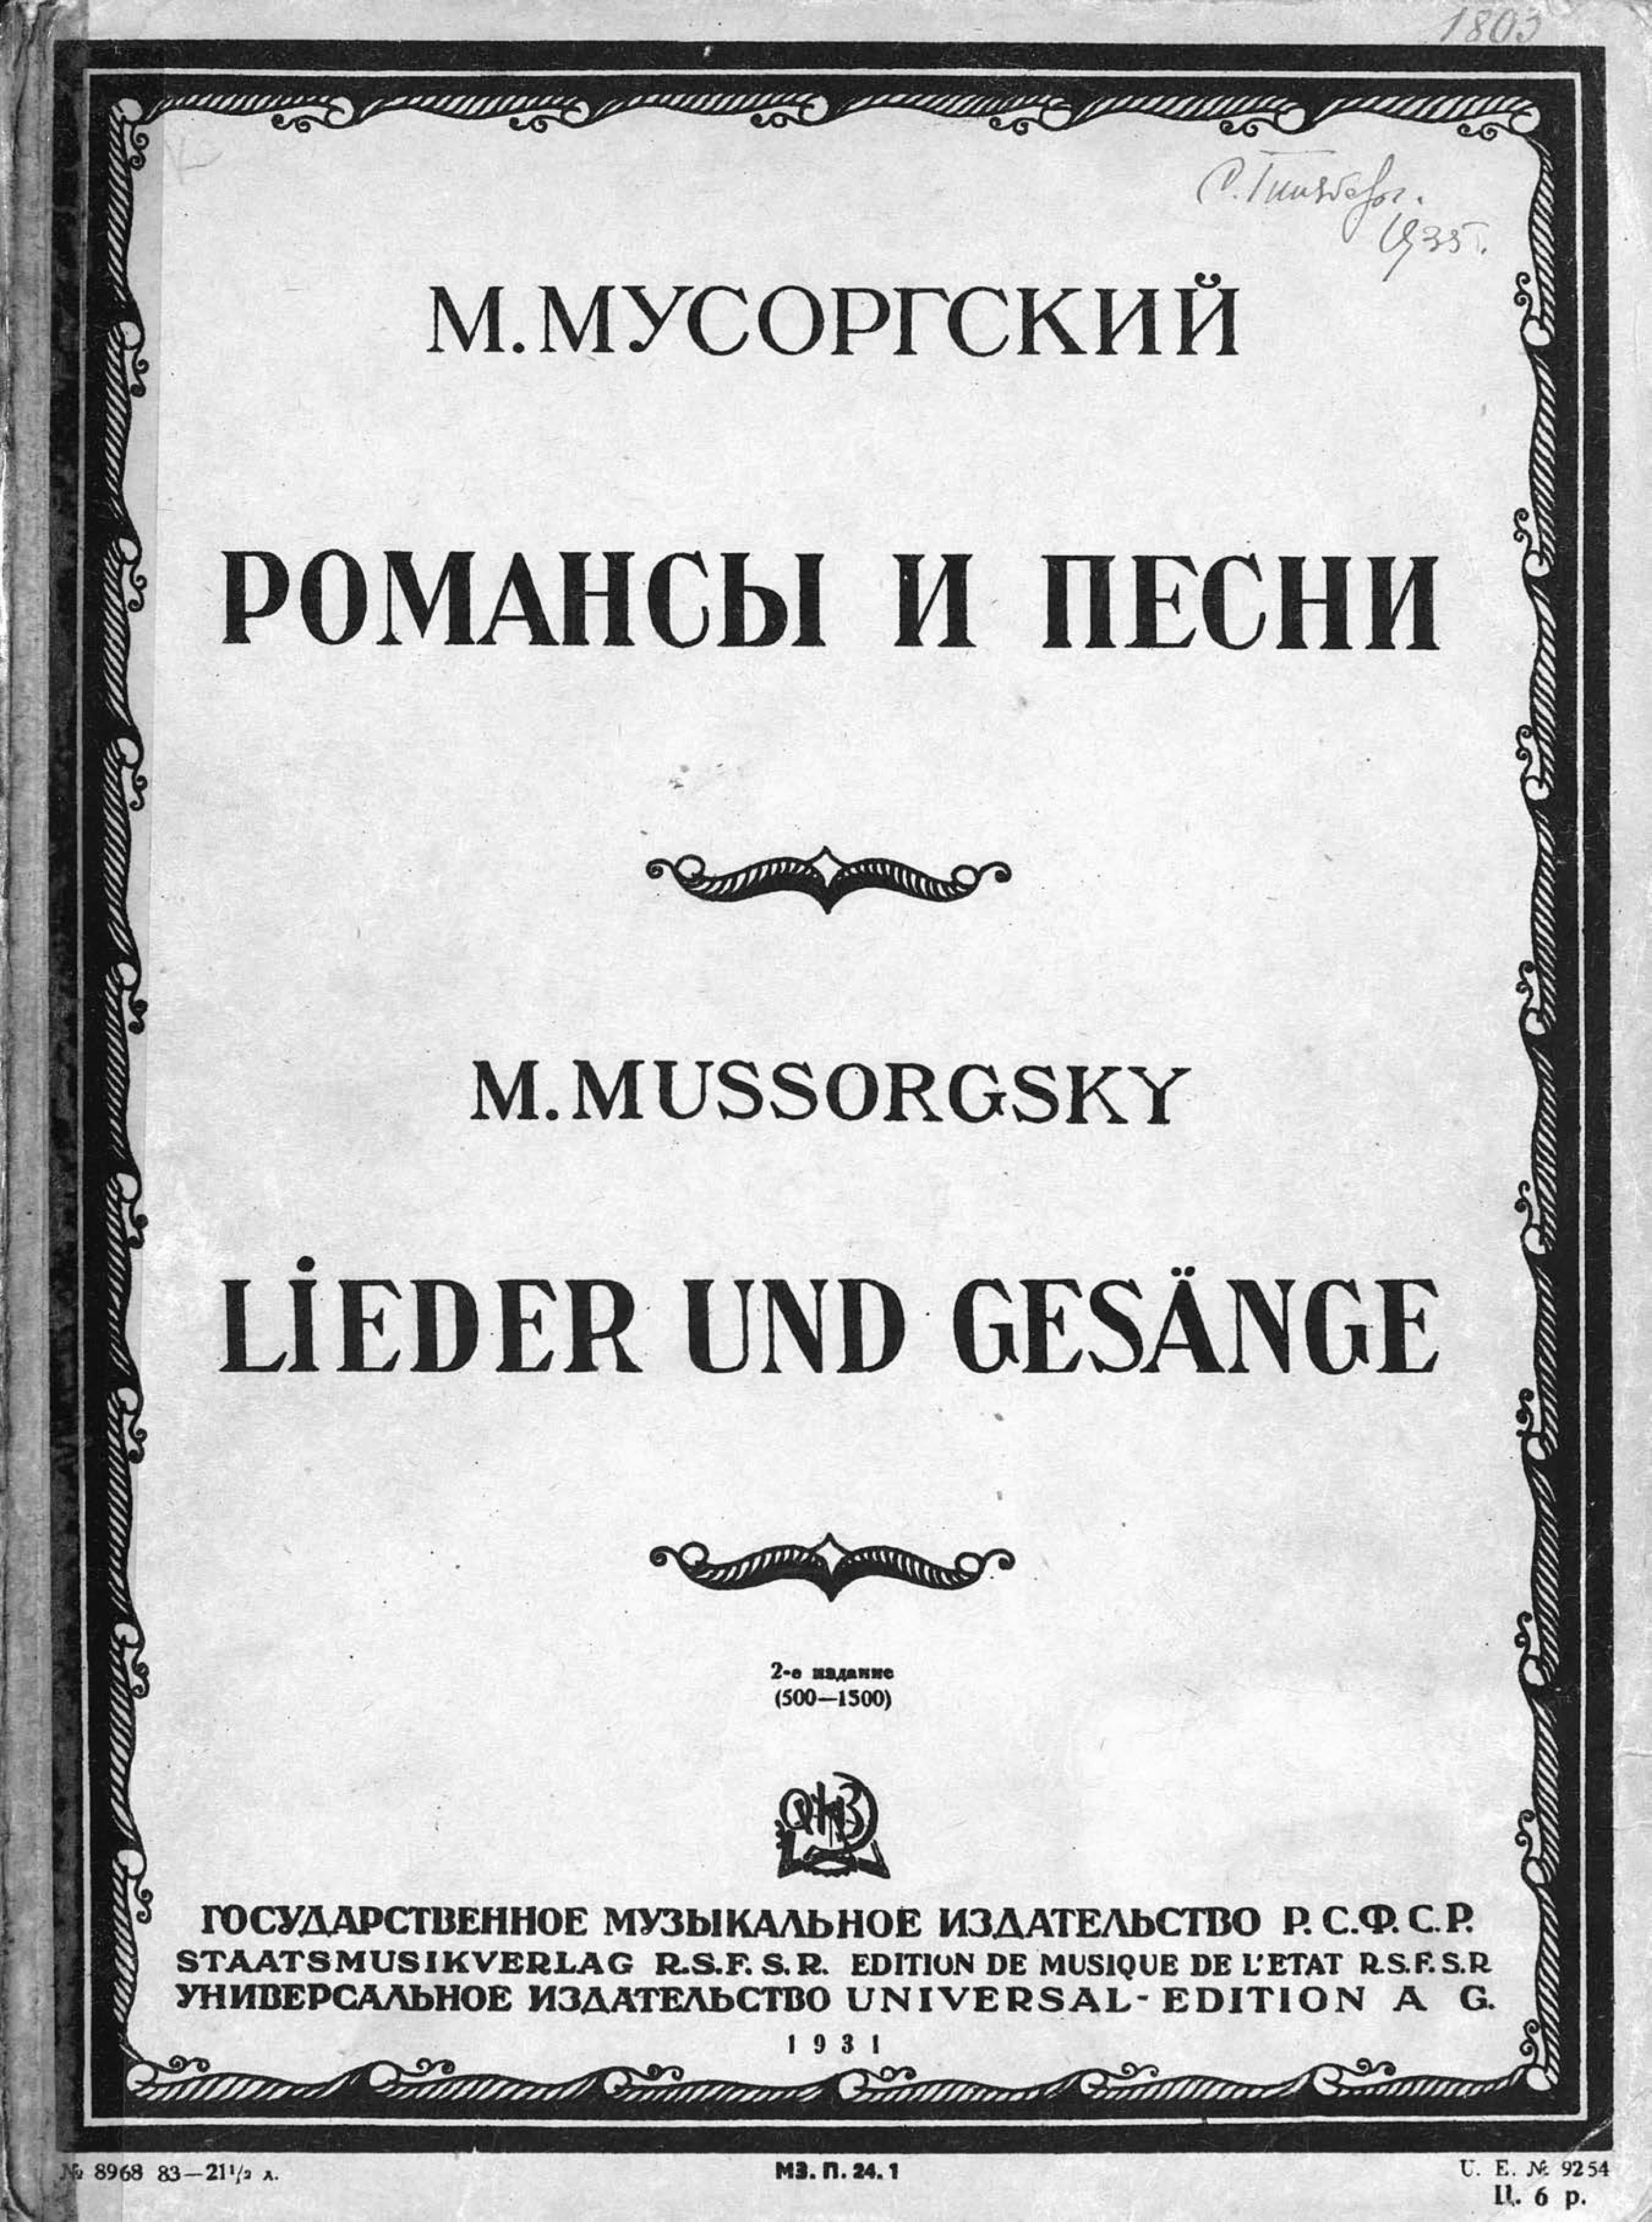 Модест Петрович Мусоргский Романсы и песни для голоса с фортепиано фон для презентации черный